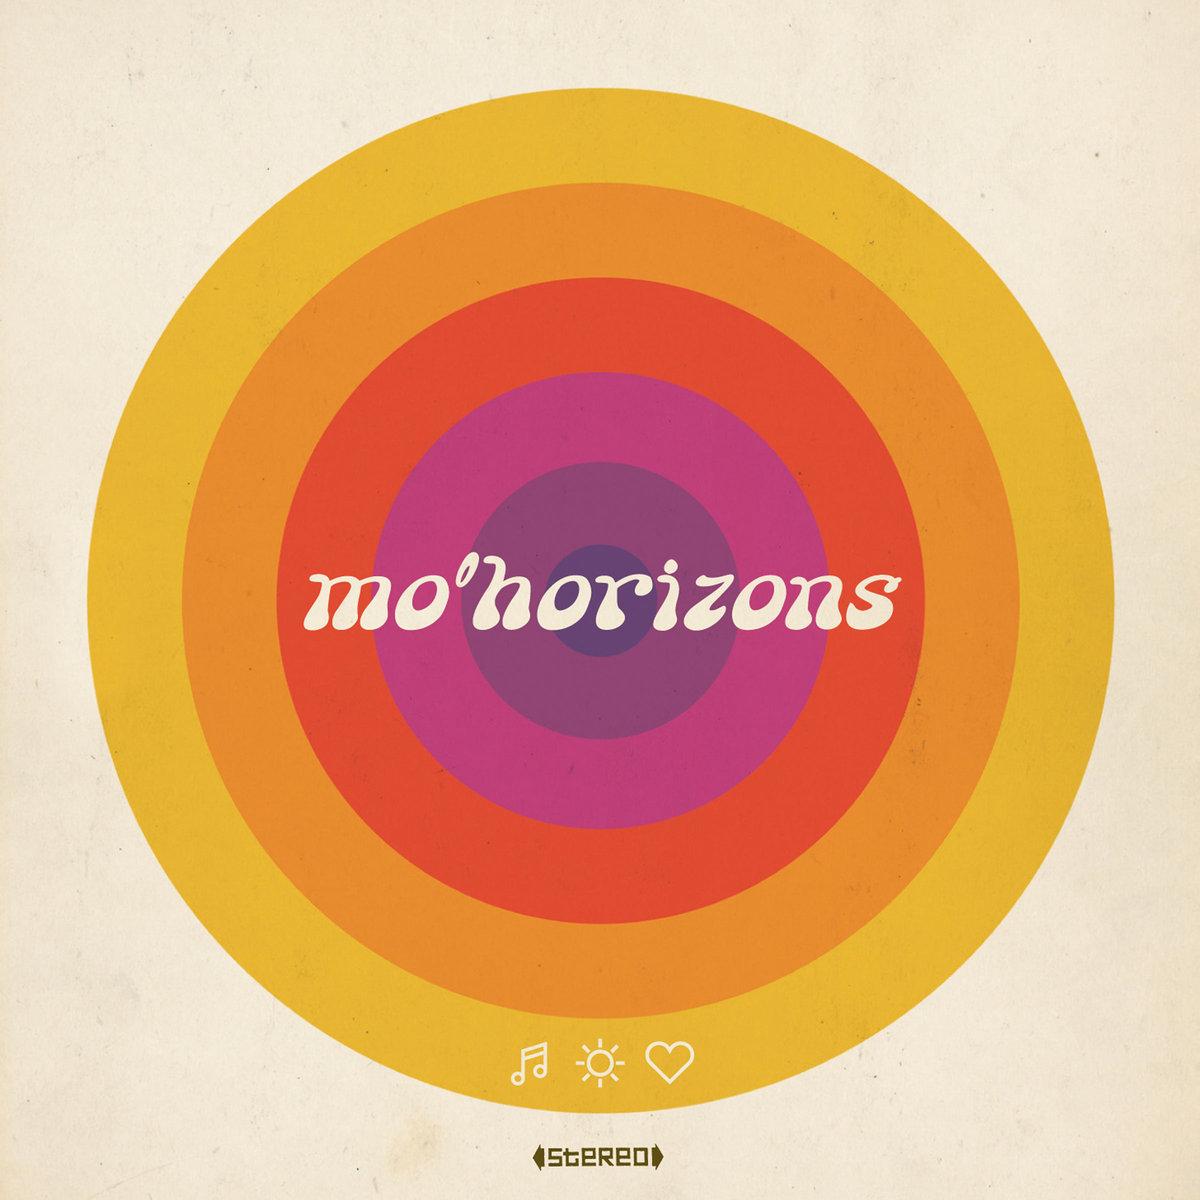 Music Sun Love von Mo' Horizons im Full Album Stream | Album- und Vinyltipp